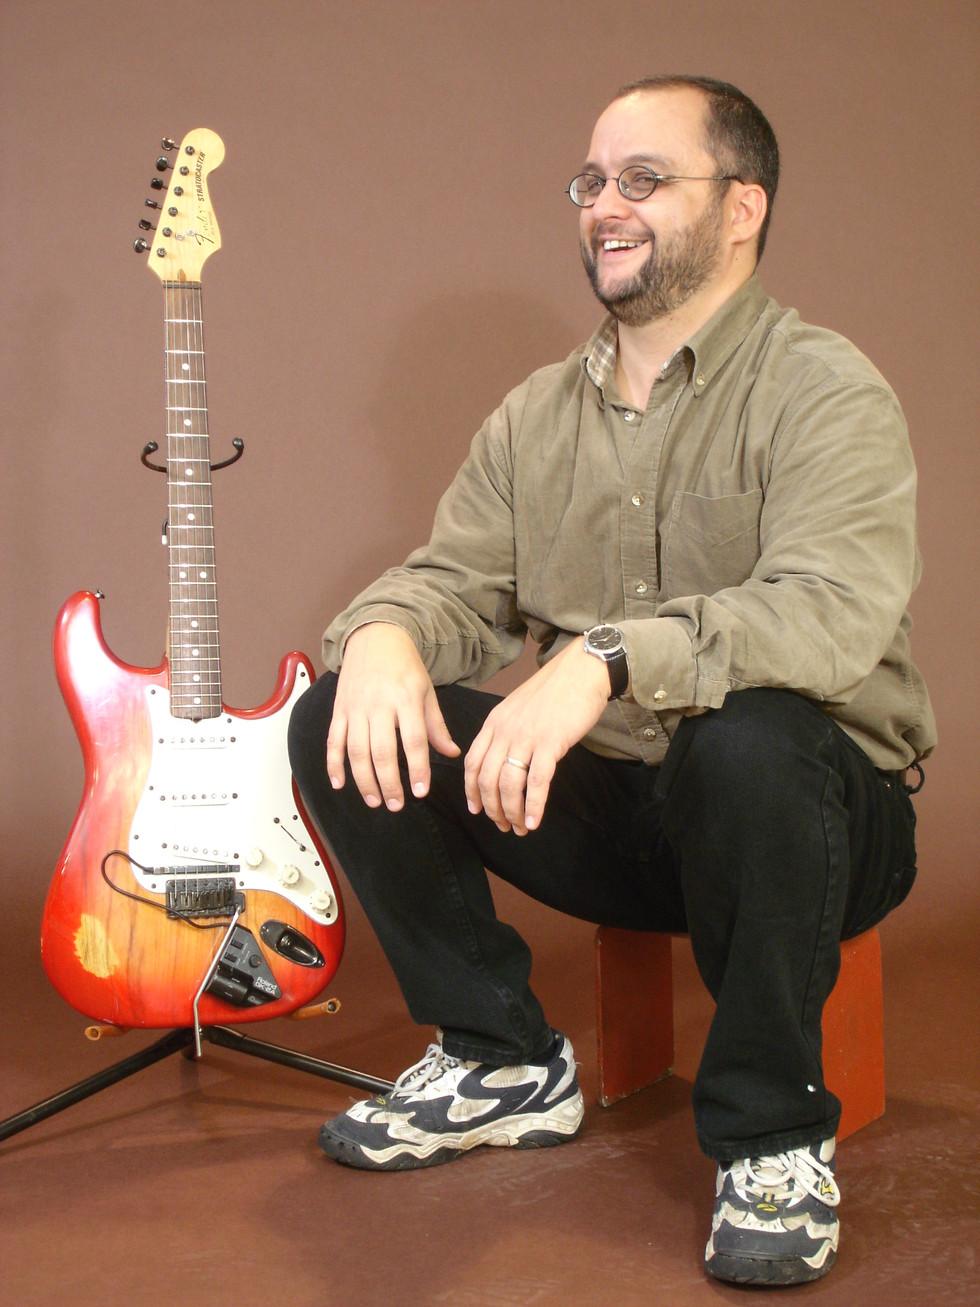 with my Stratocaster photo: David Wrigley